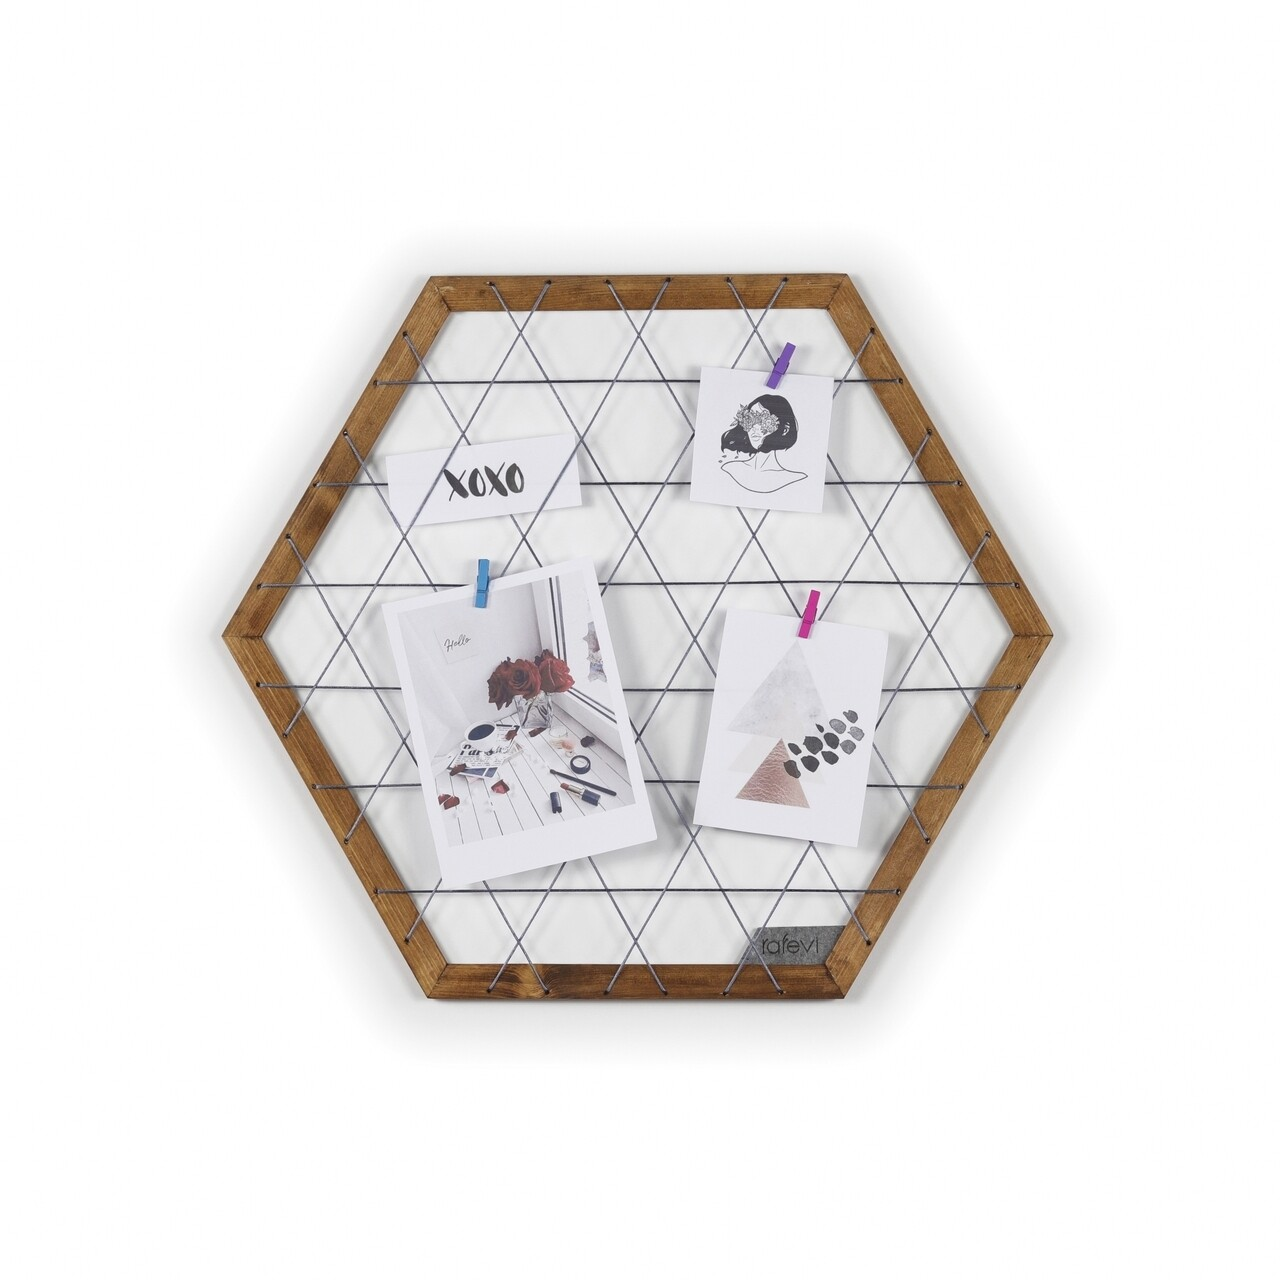 Panou memo de perete Rafevi Tuva, 60 x 52 cm, antracit